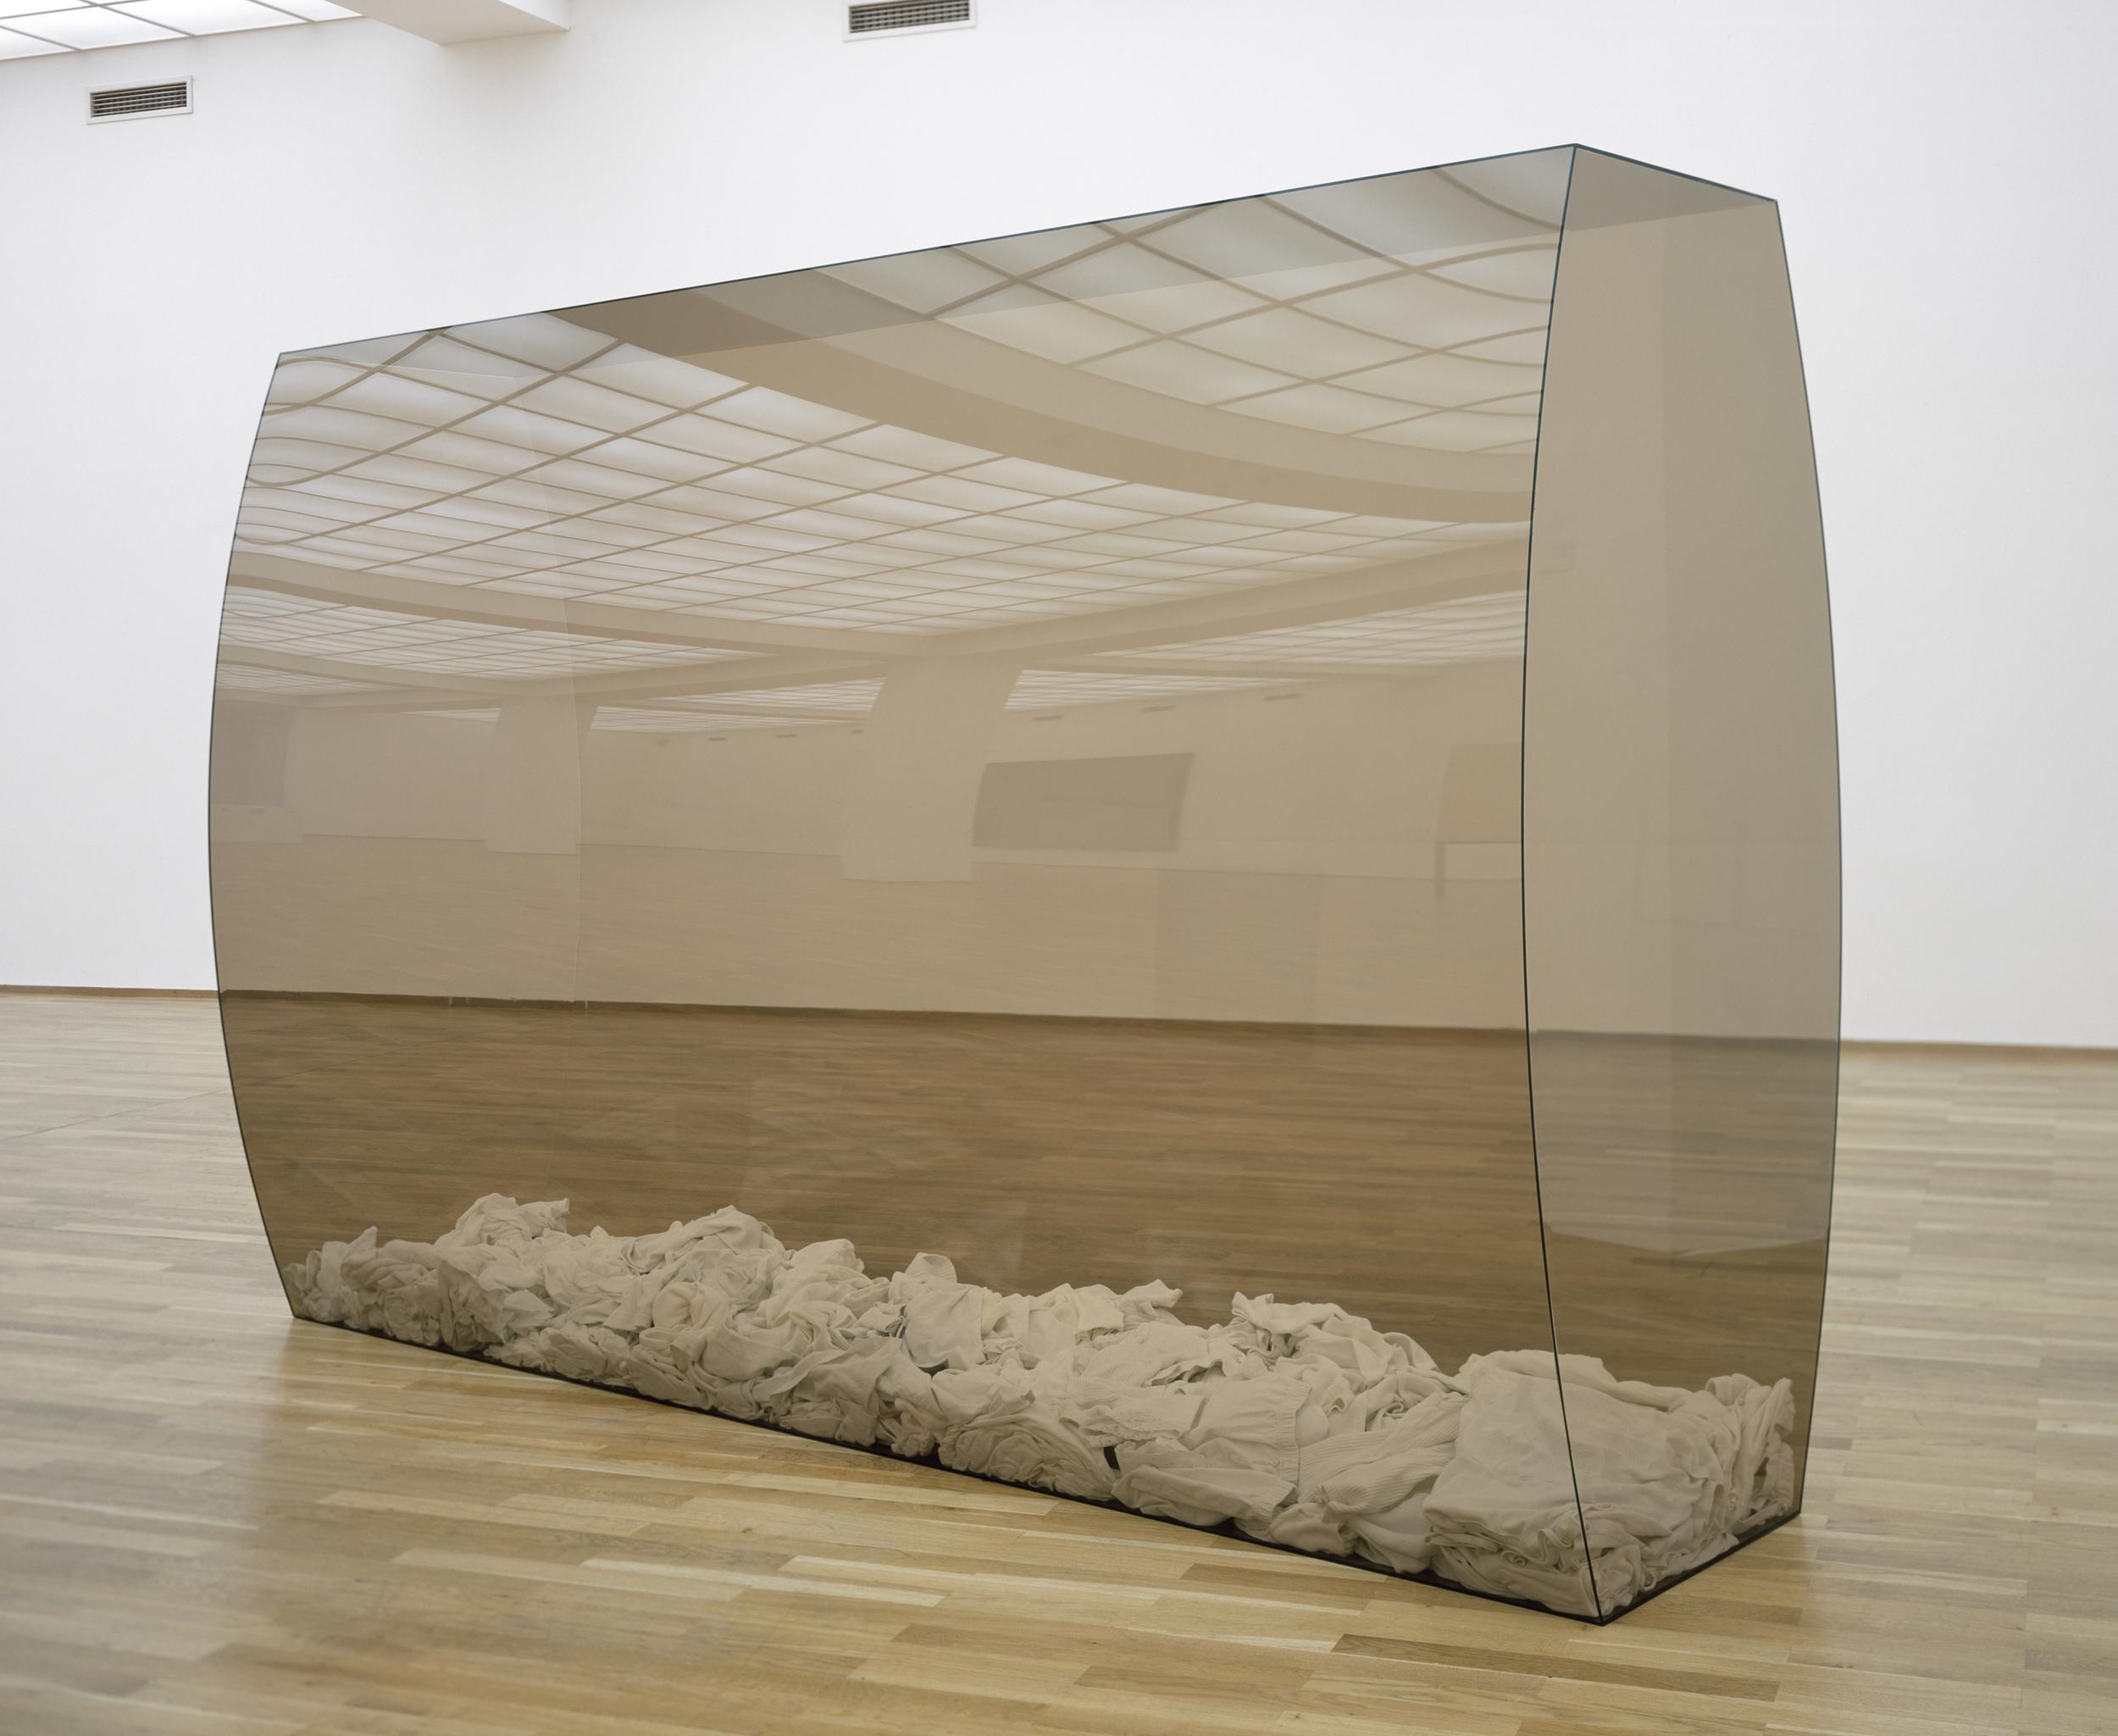 untitled, 2002, perspex, white underwear, 195 x 295 x 95 cm